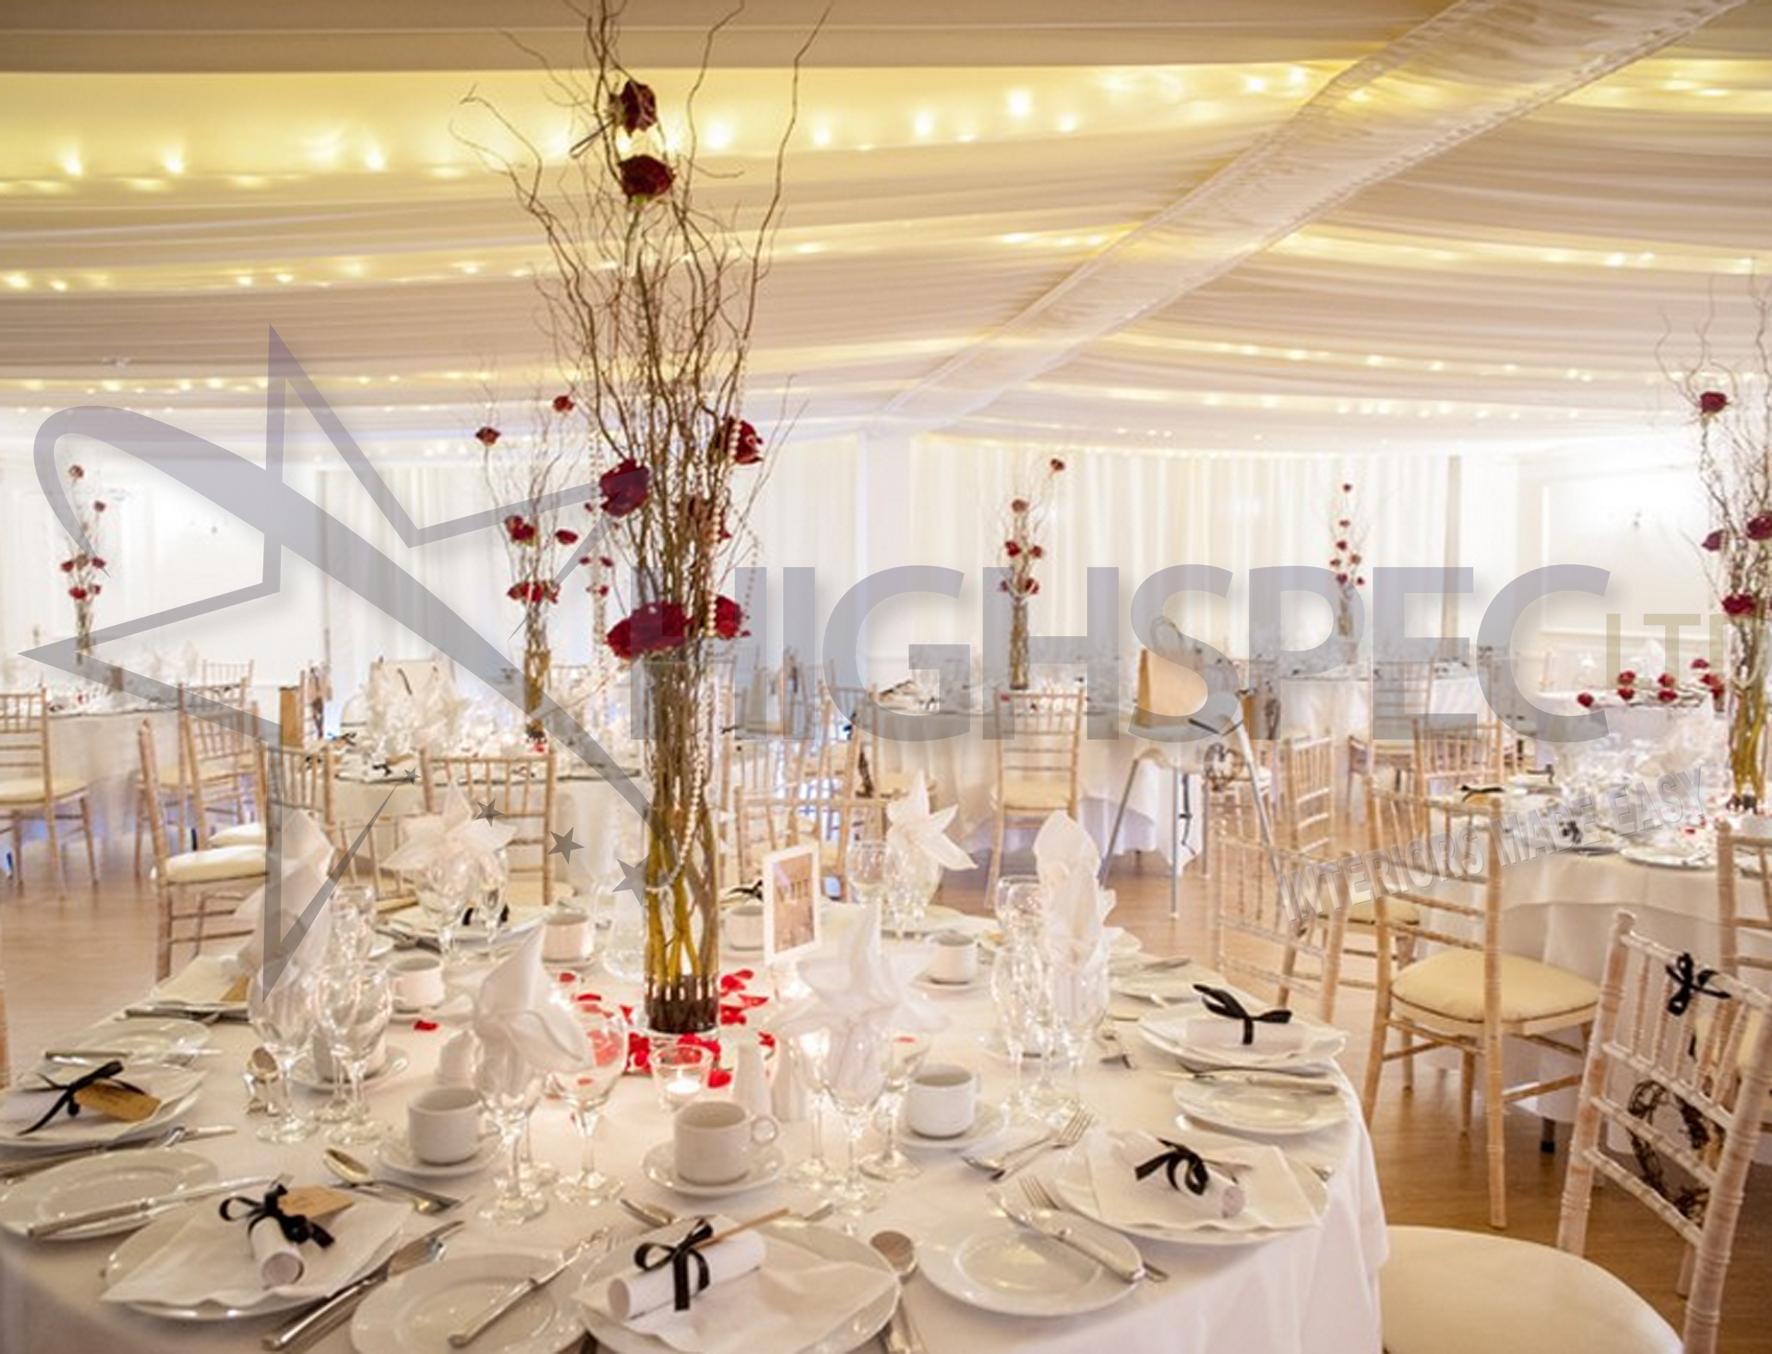 Fairylight ceiling drape